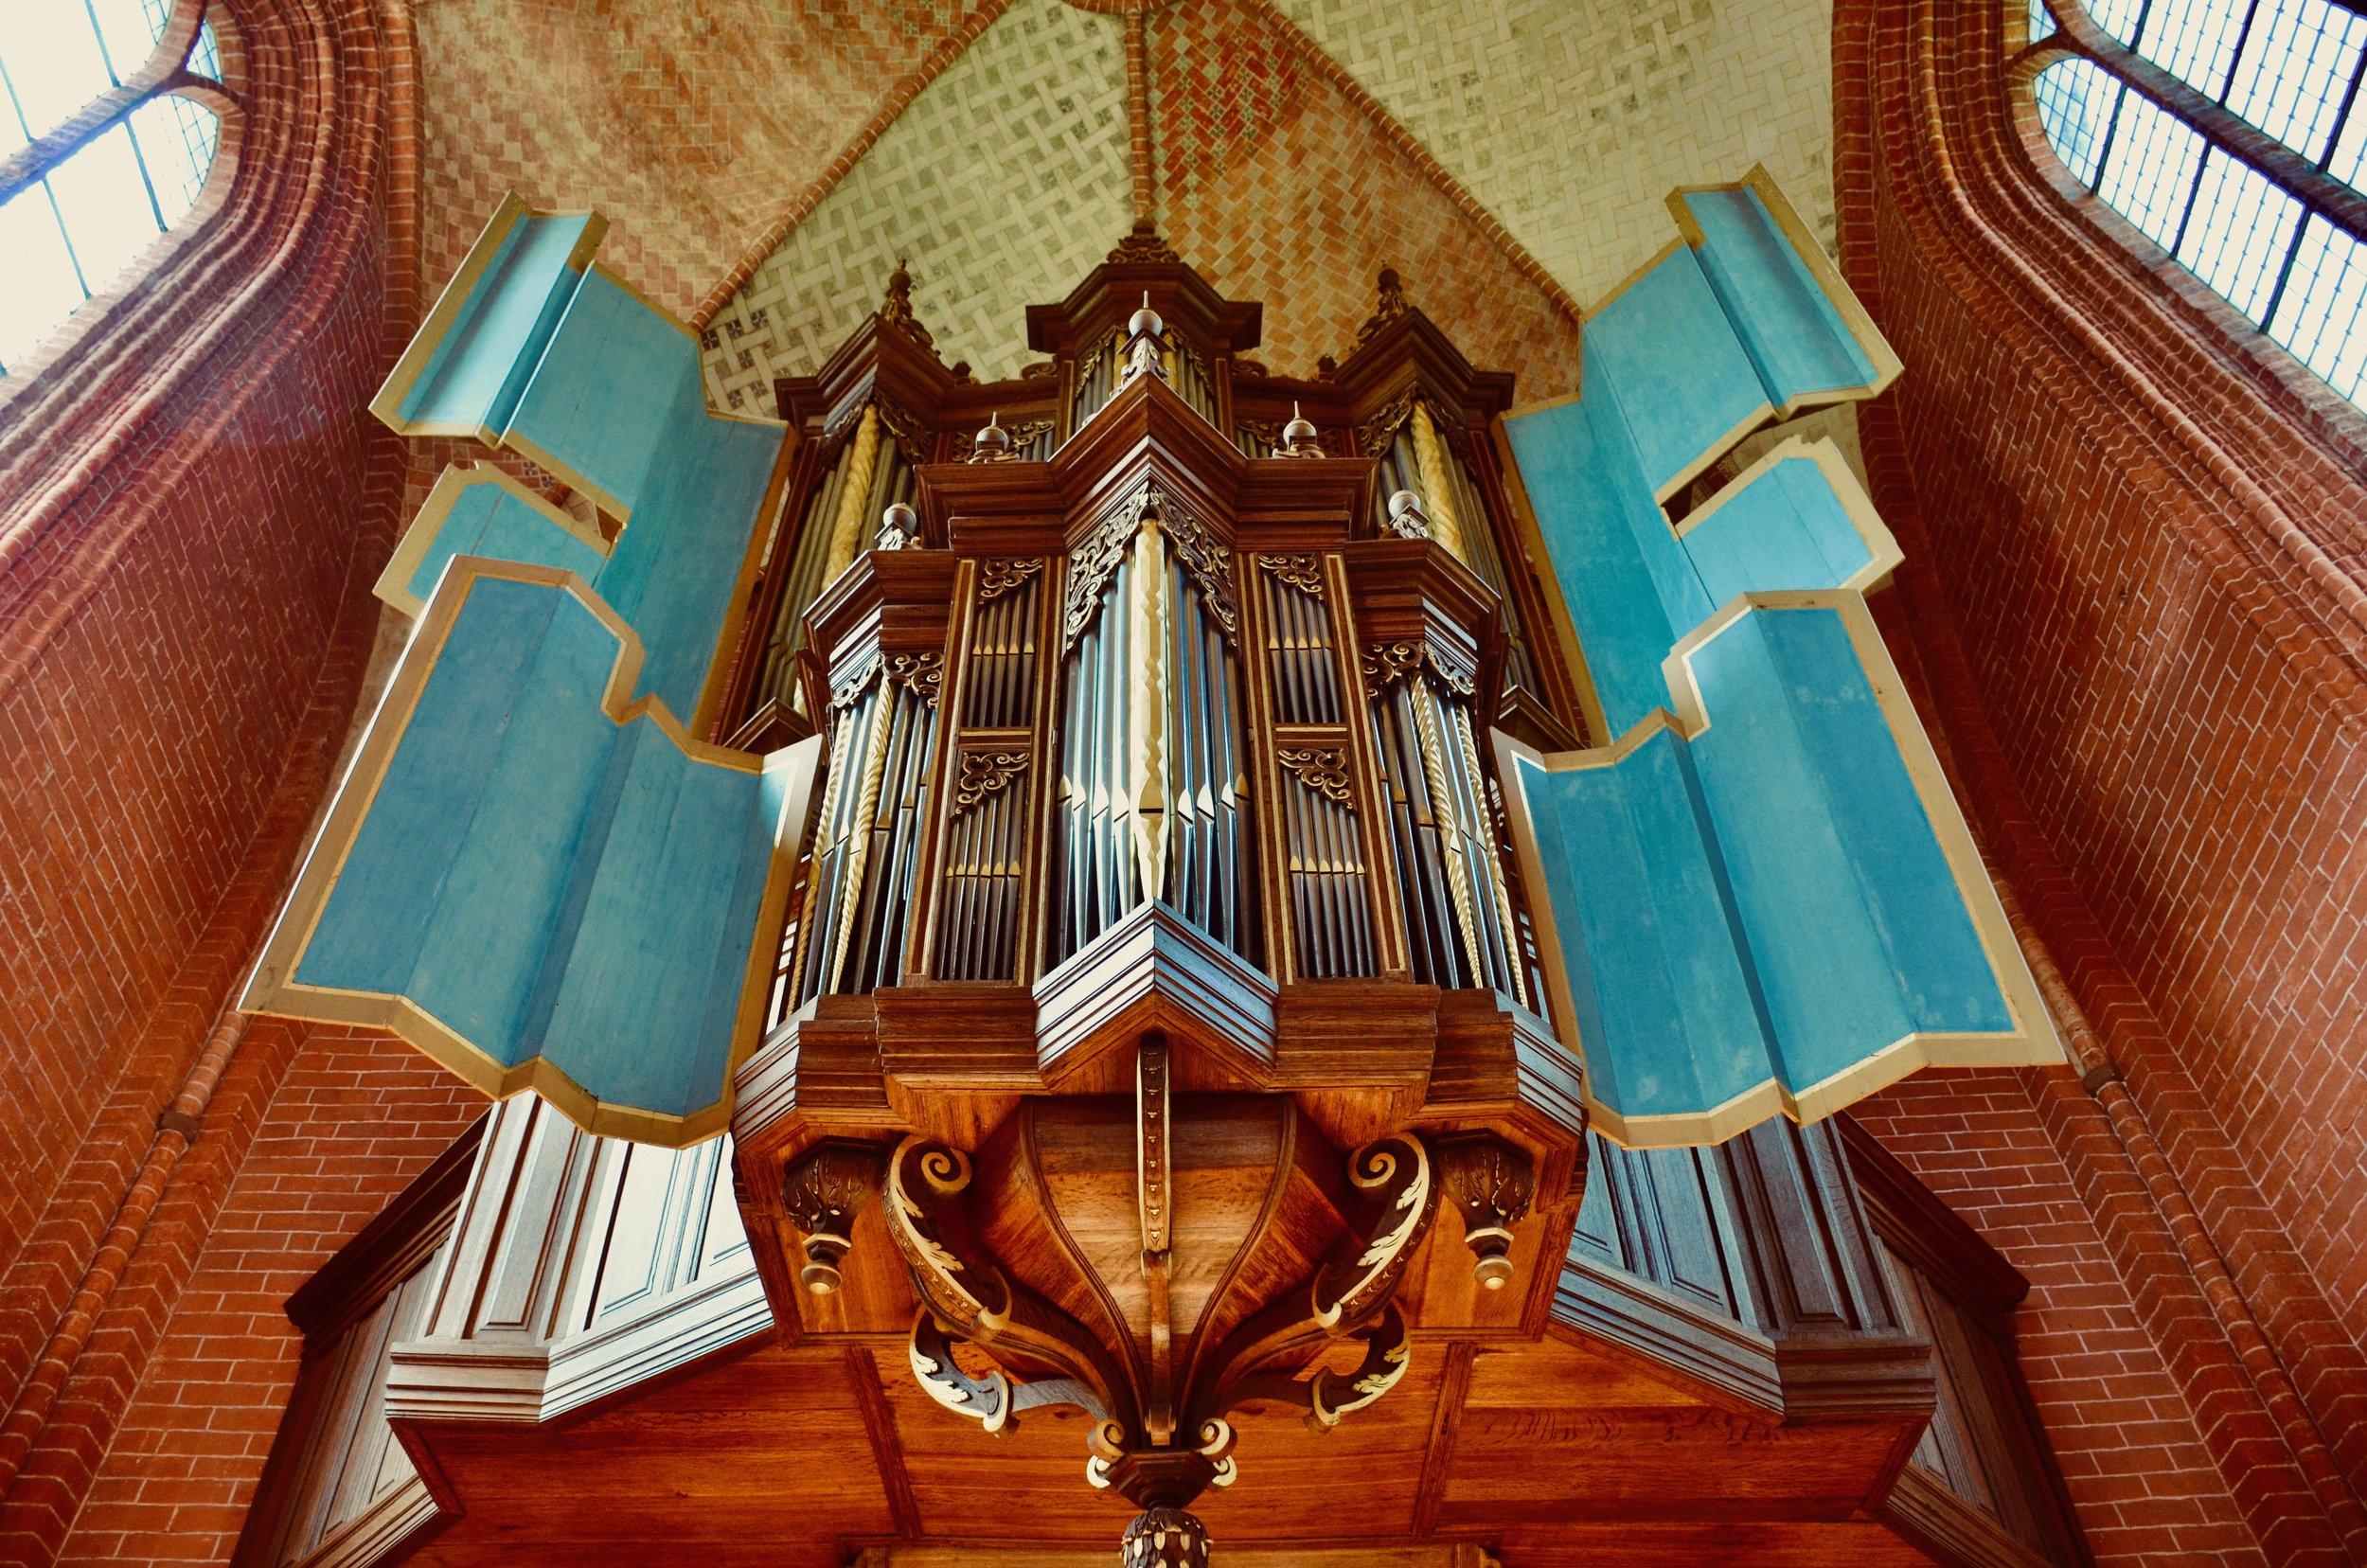 The 1651 Faber organ, Zeerijp, Netherlands.